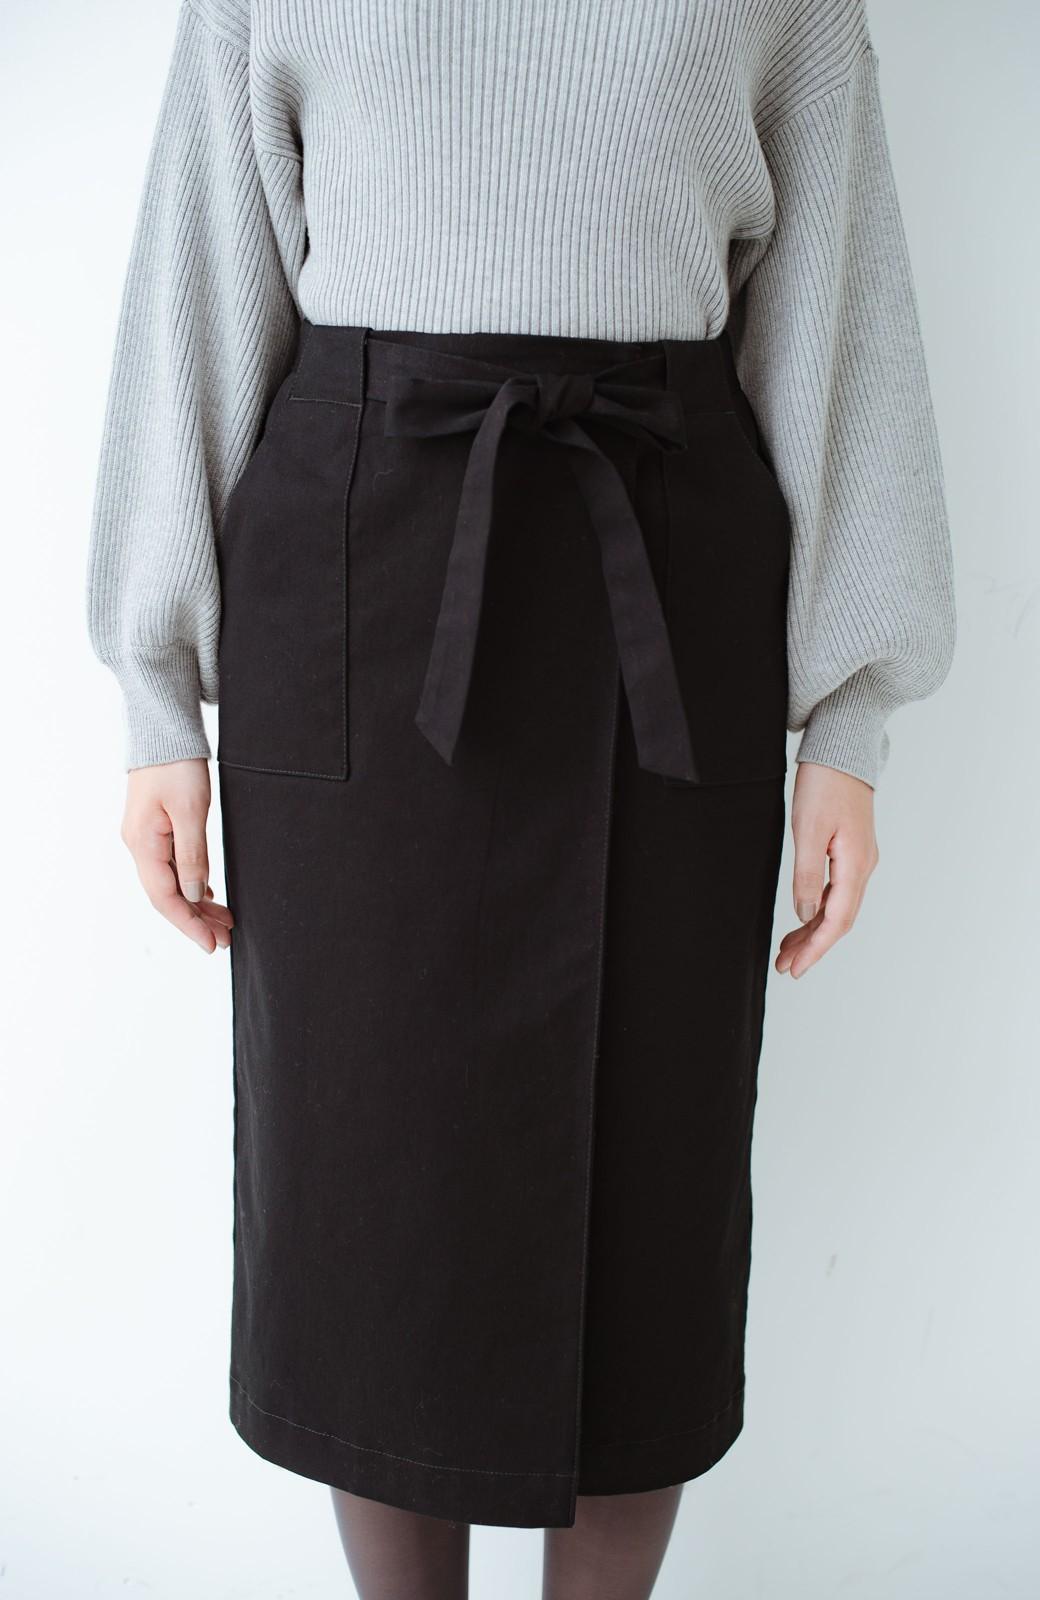 haco! パッと着るだけで女らしくてかっこいい ラップ風ストレッチスカート by que made me <ブラック>の商品写真7